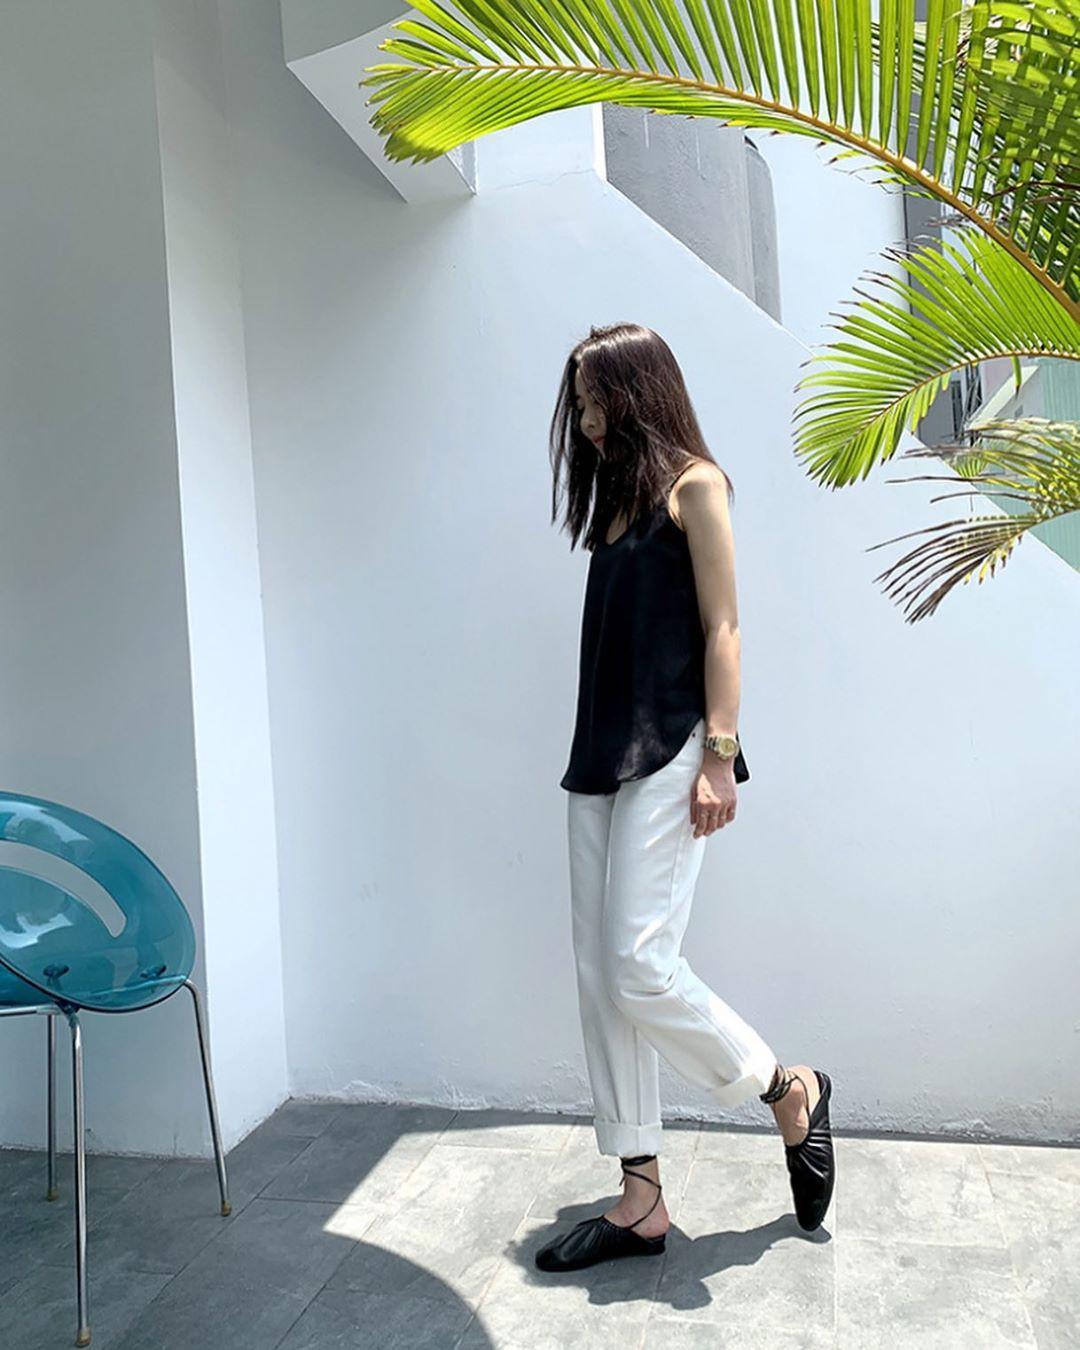 Nô nức diện váy thô mùa hè cho mát, muốn mặc đẹp hãy tham khảo 15 bộ đồ từ street style Châu Á này - Ảnh 2.